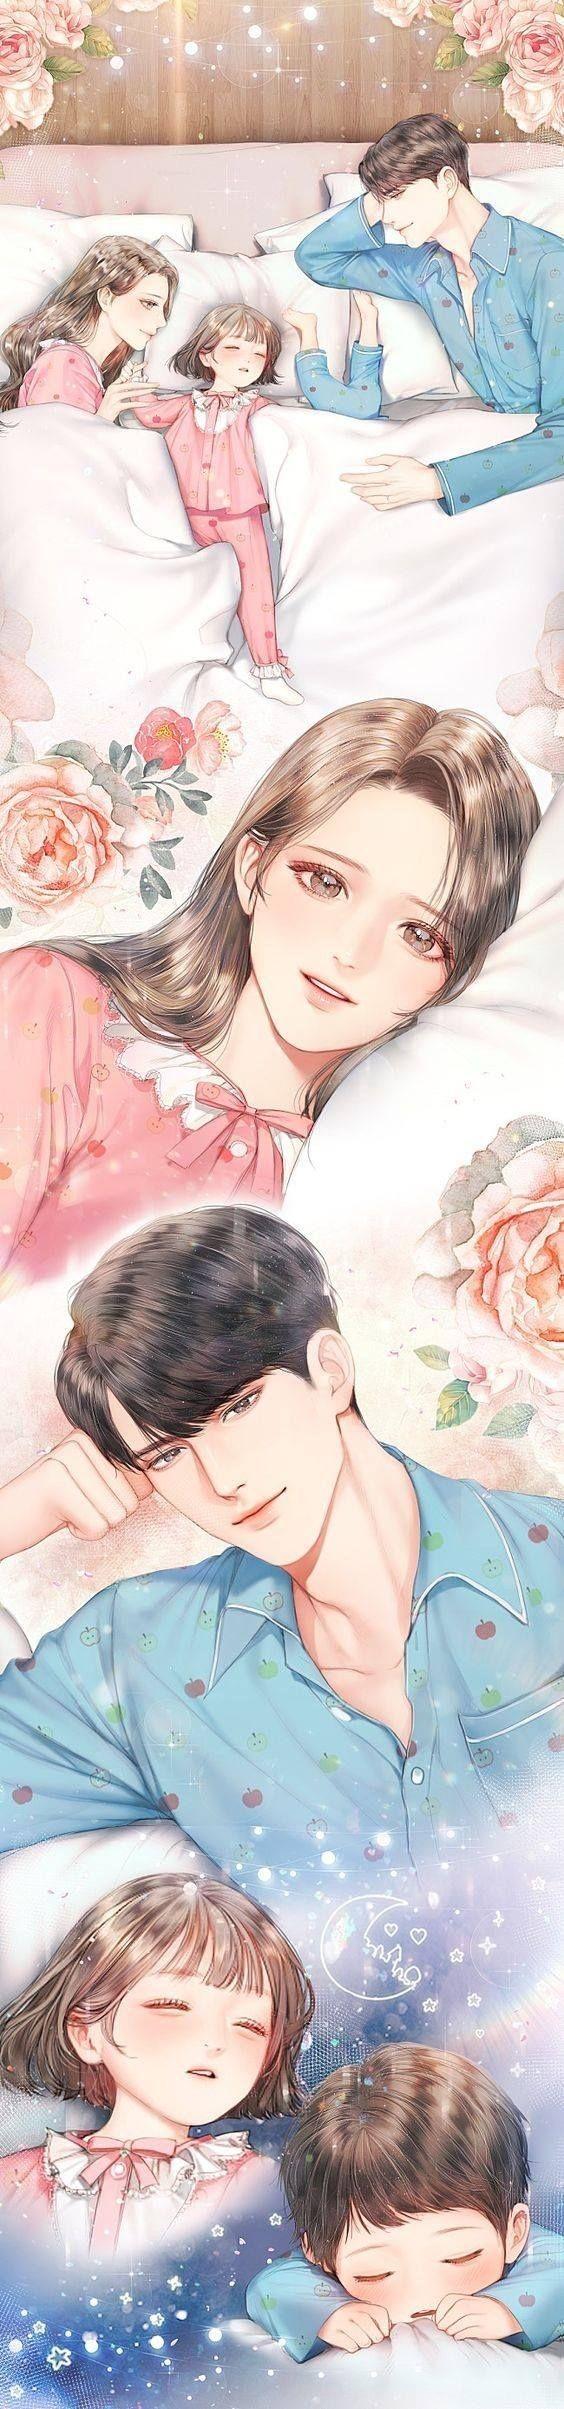 Pin oleh Black House di So Cute Gambar pasangan anime